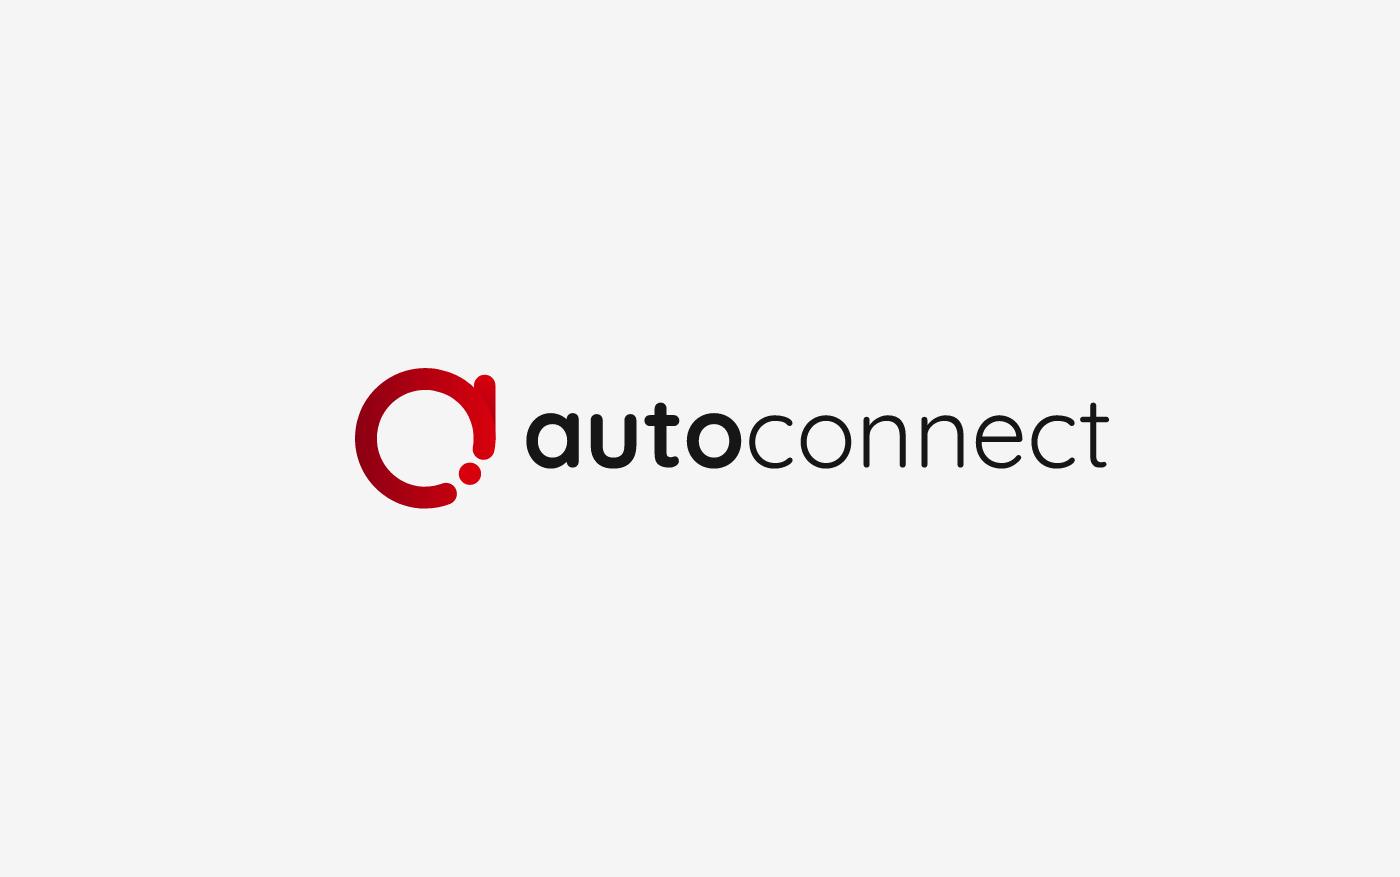 logo-autoconnect